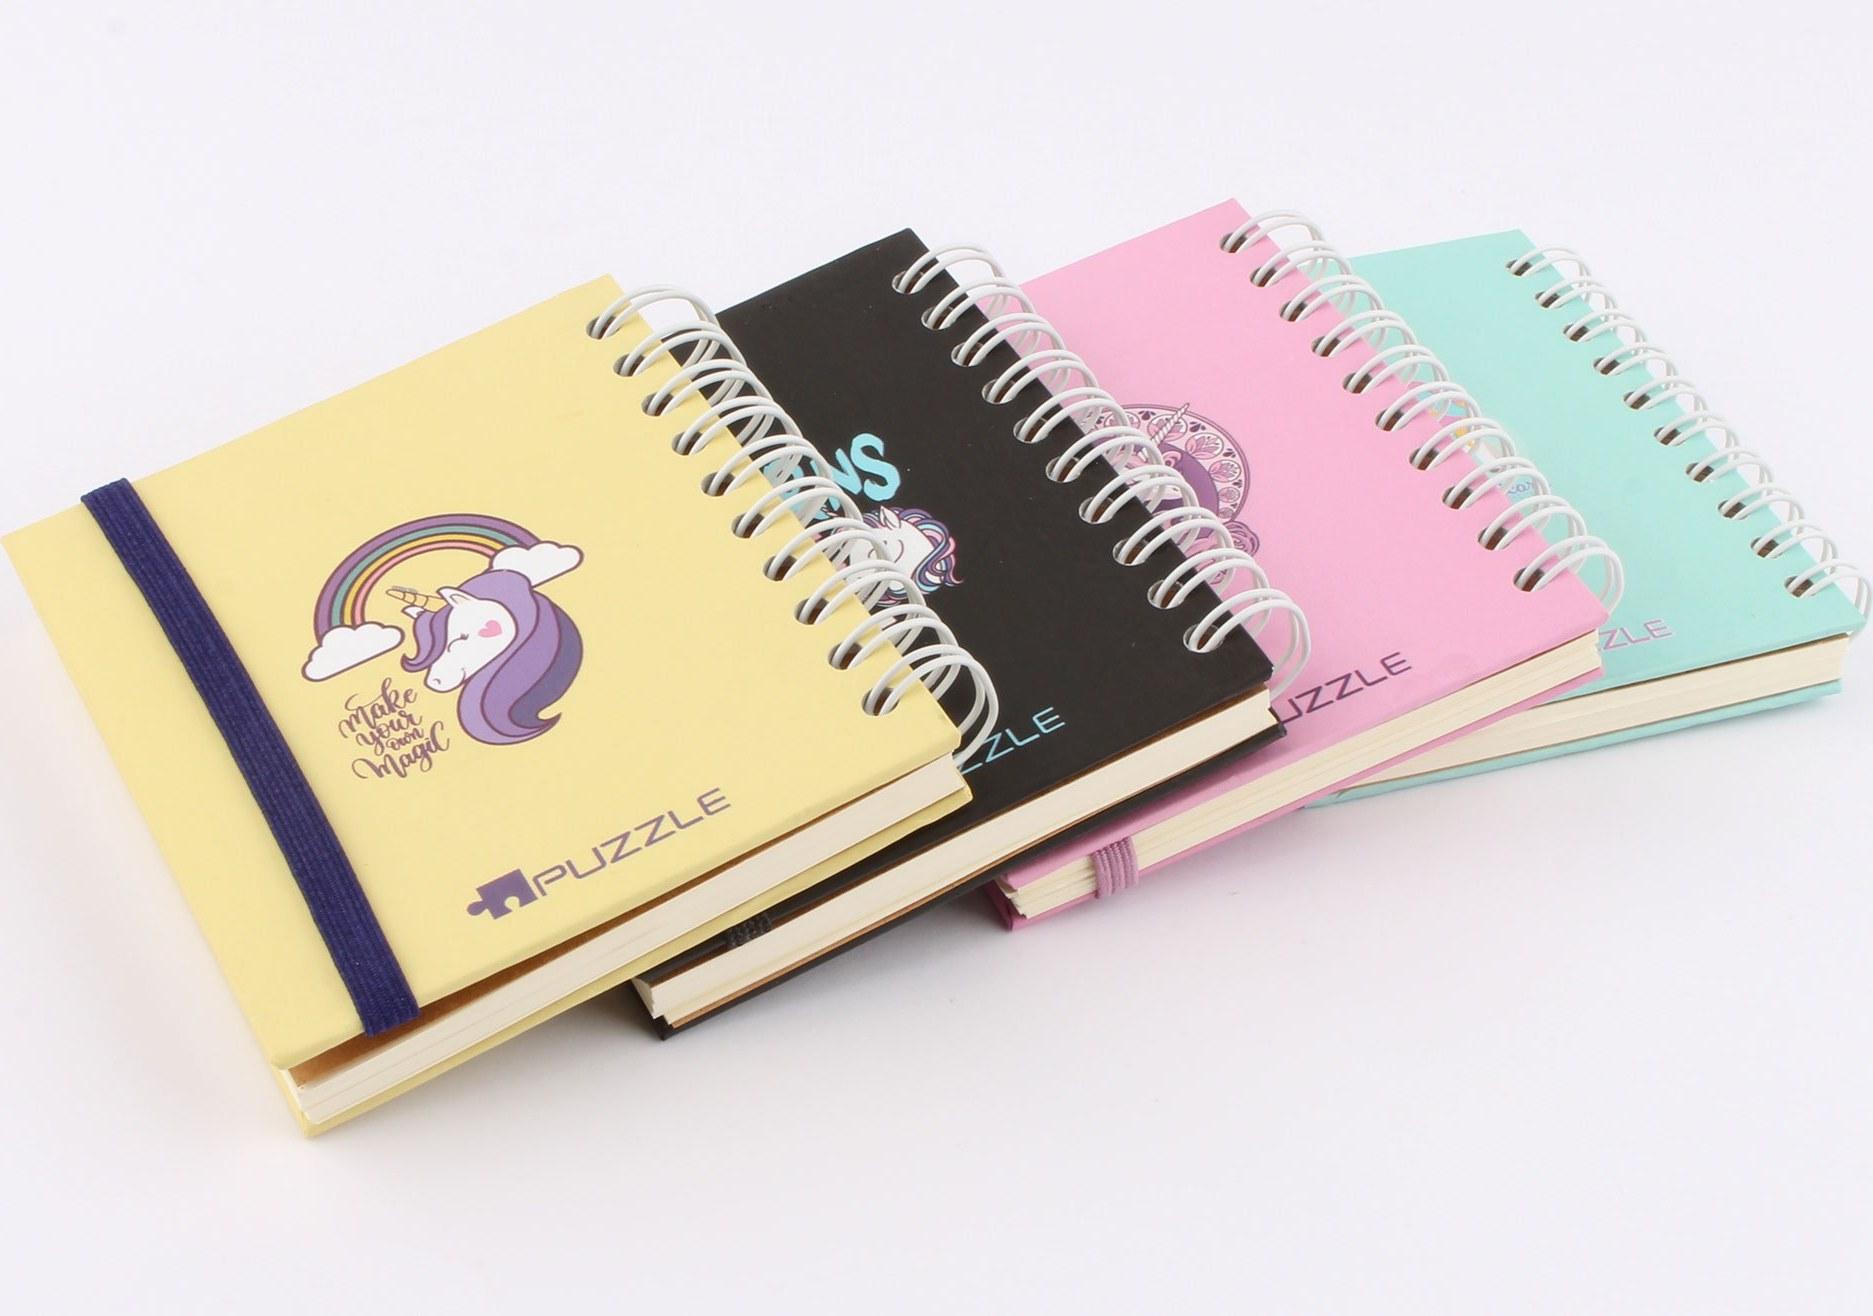 دفترچه یادداشت سیمی اسب تک شاخ (رنگبندی)